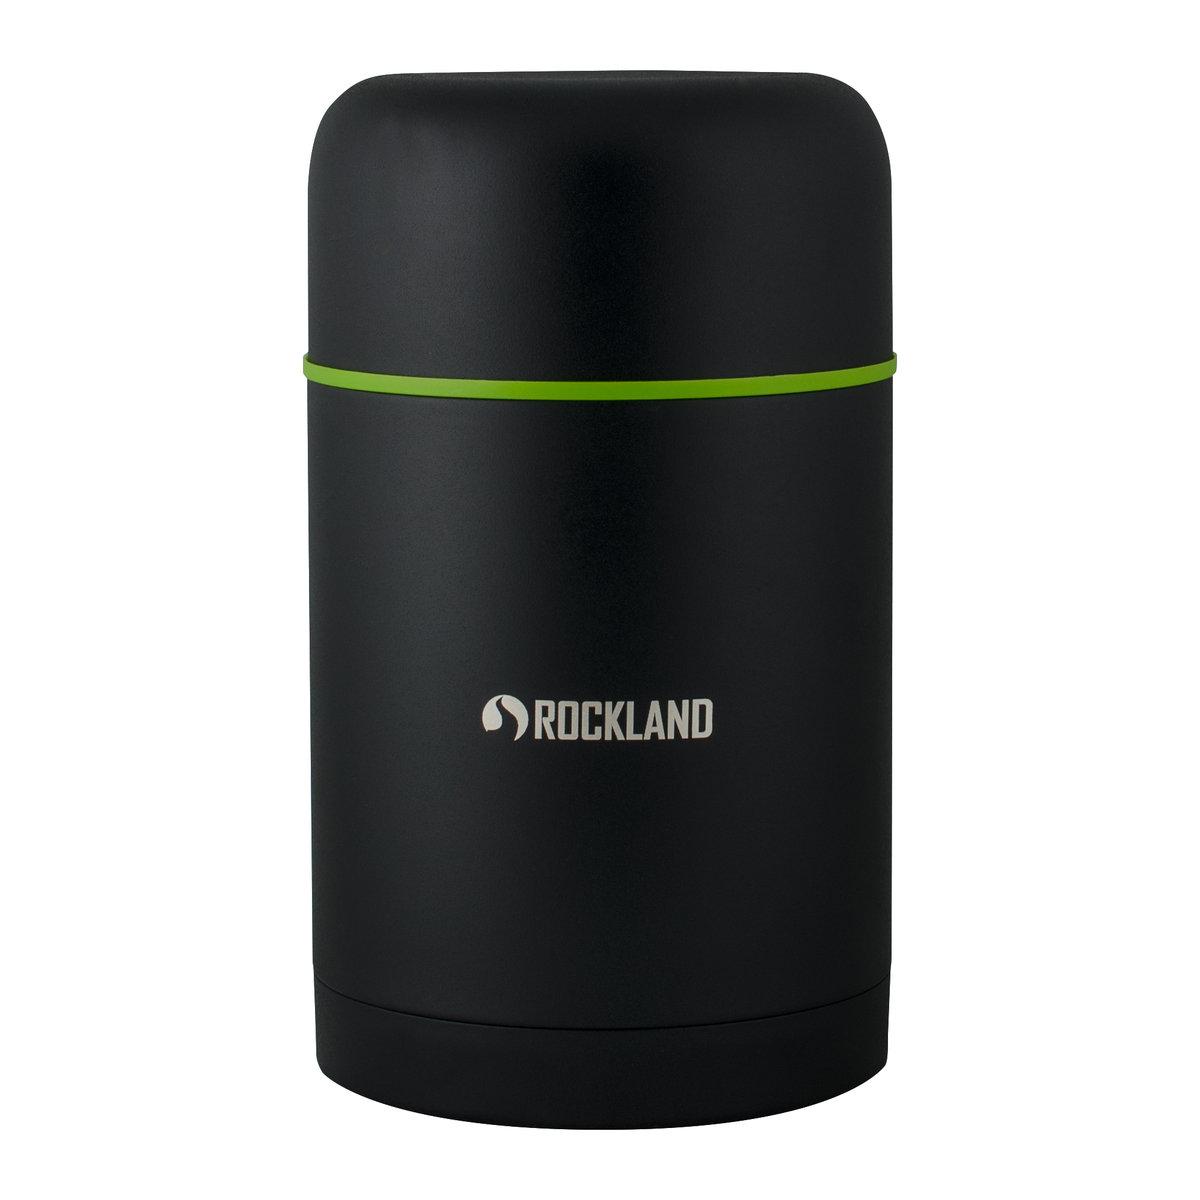 Rockland, Termos obiadowy, Comet, czarno-zielony, 750 ml